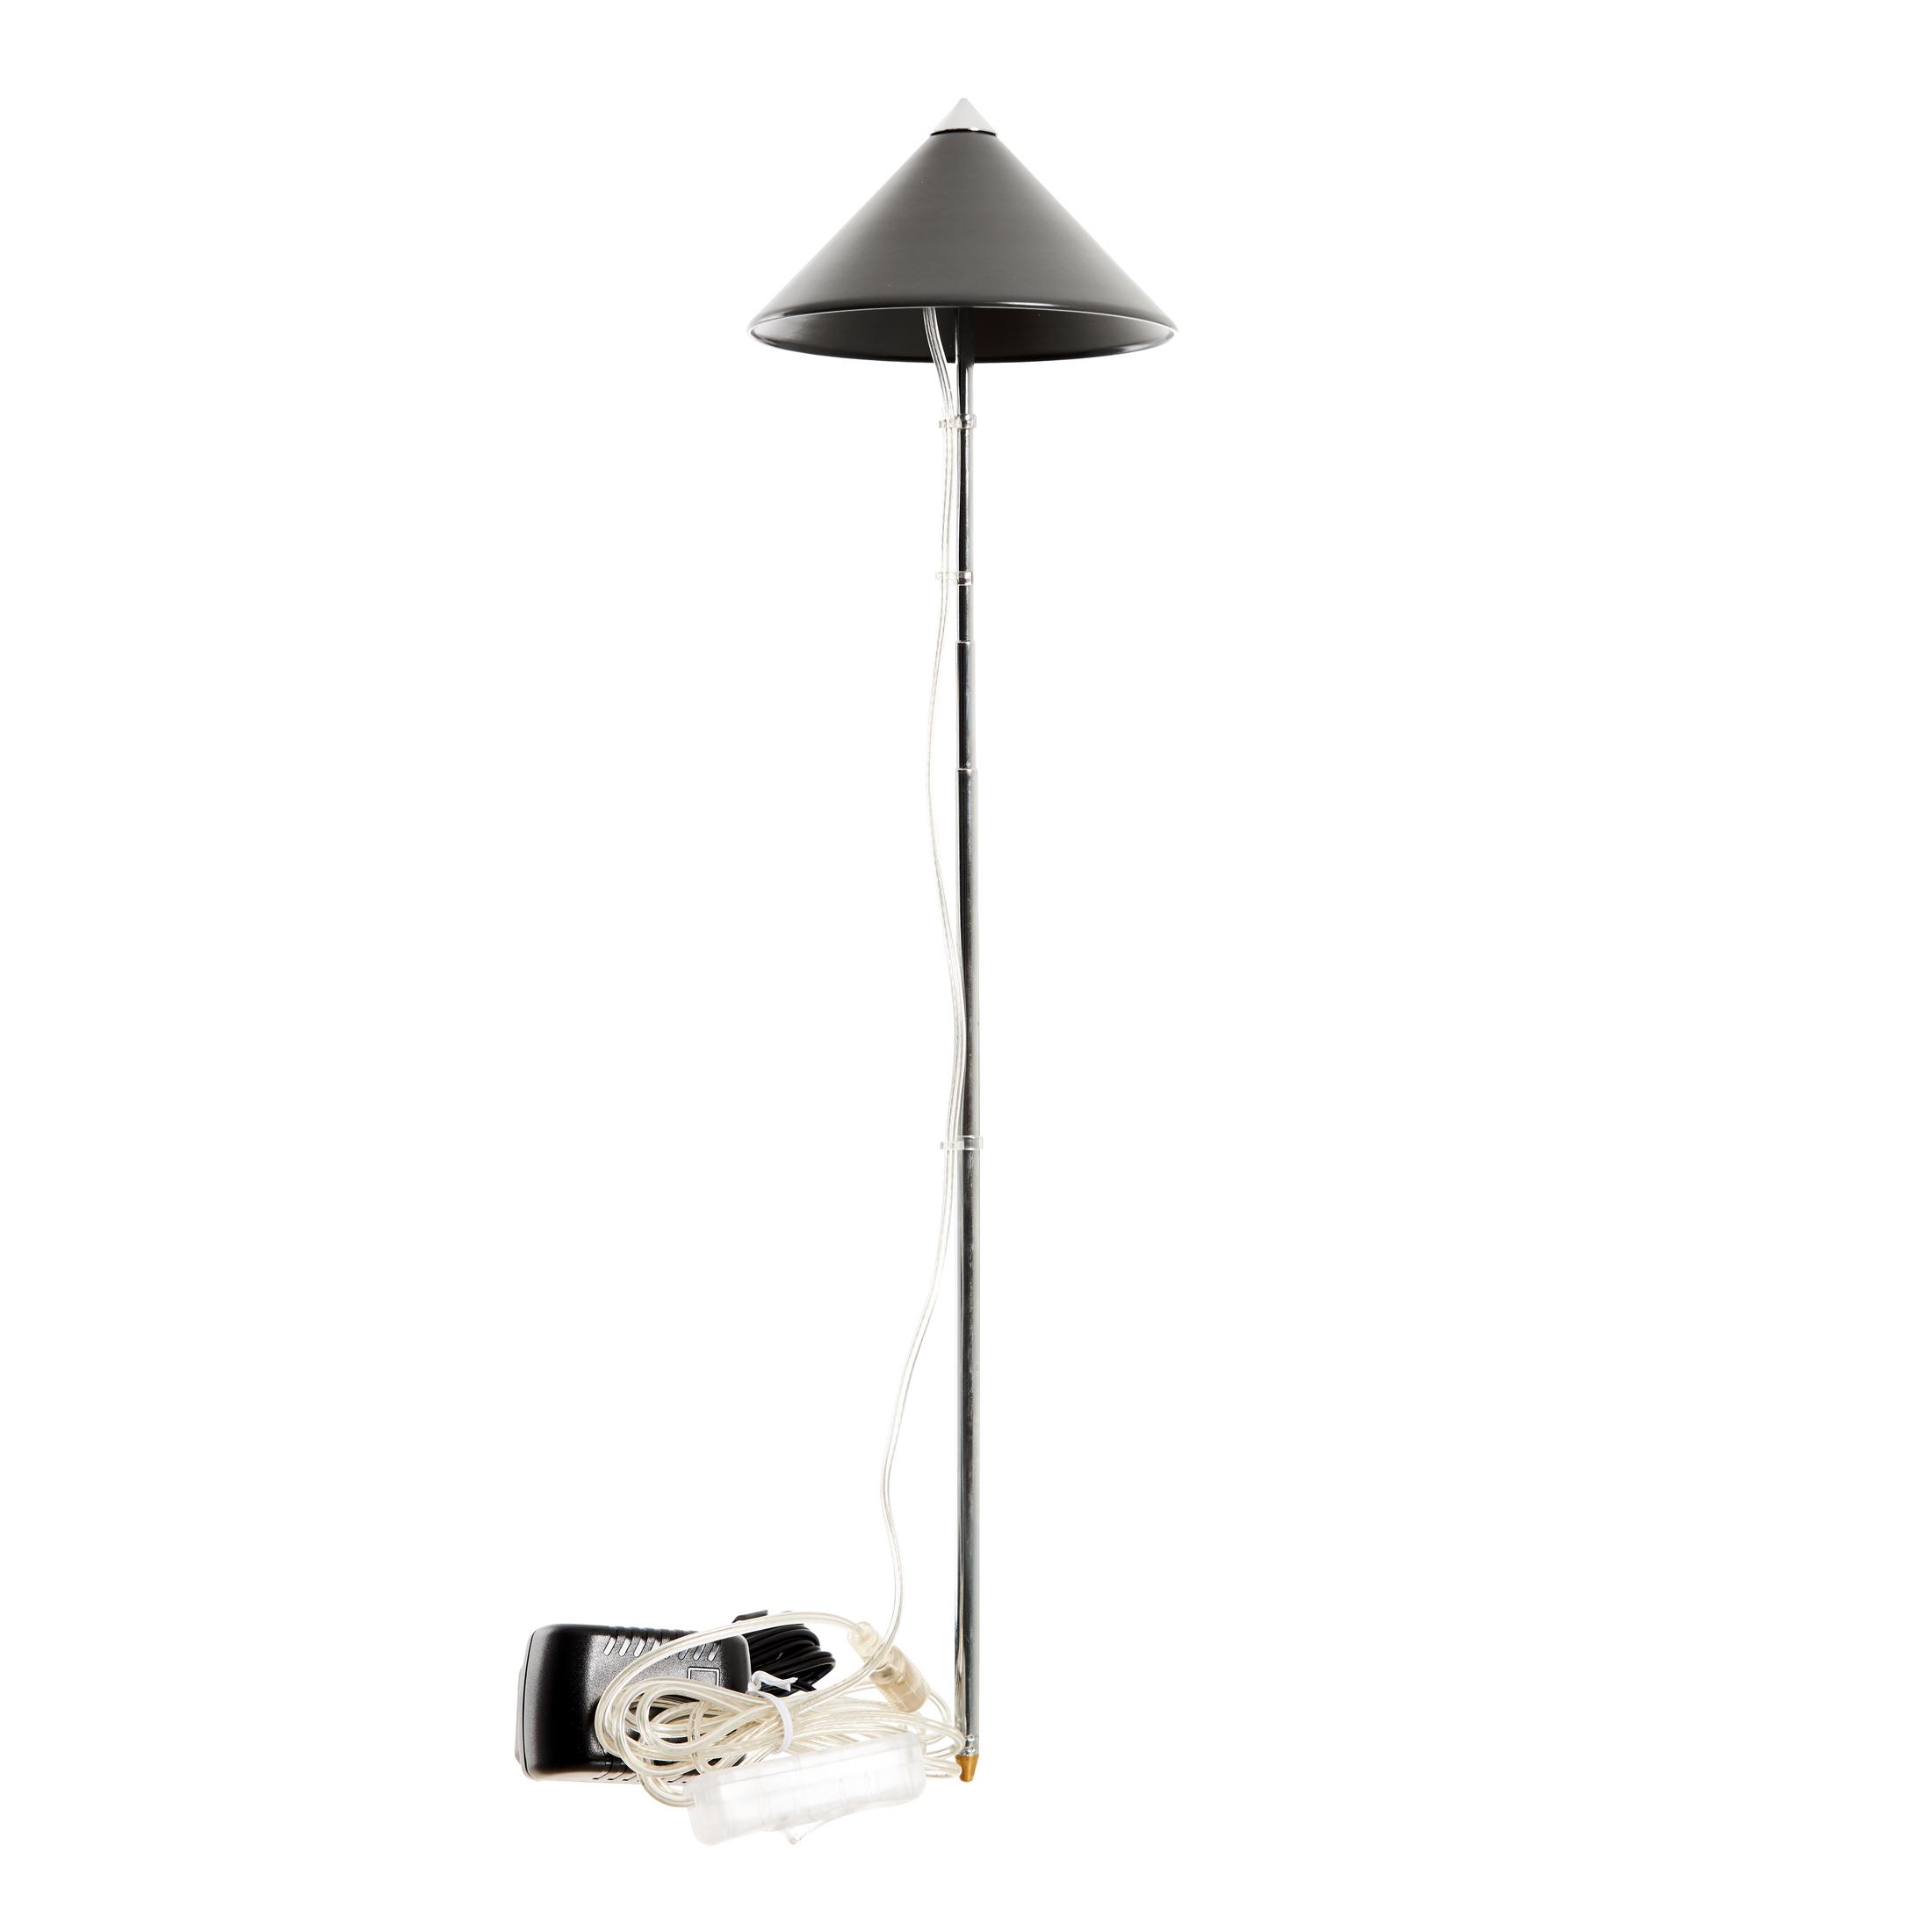 Produktbild på Växtlampa Sunlite 7W